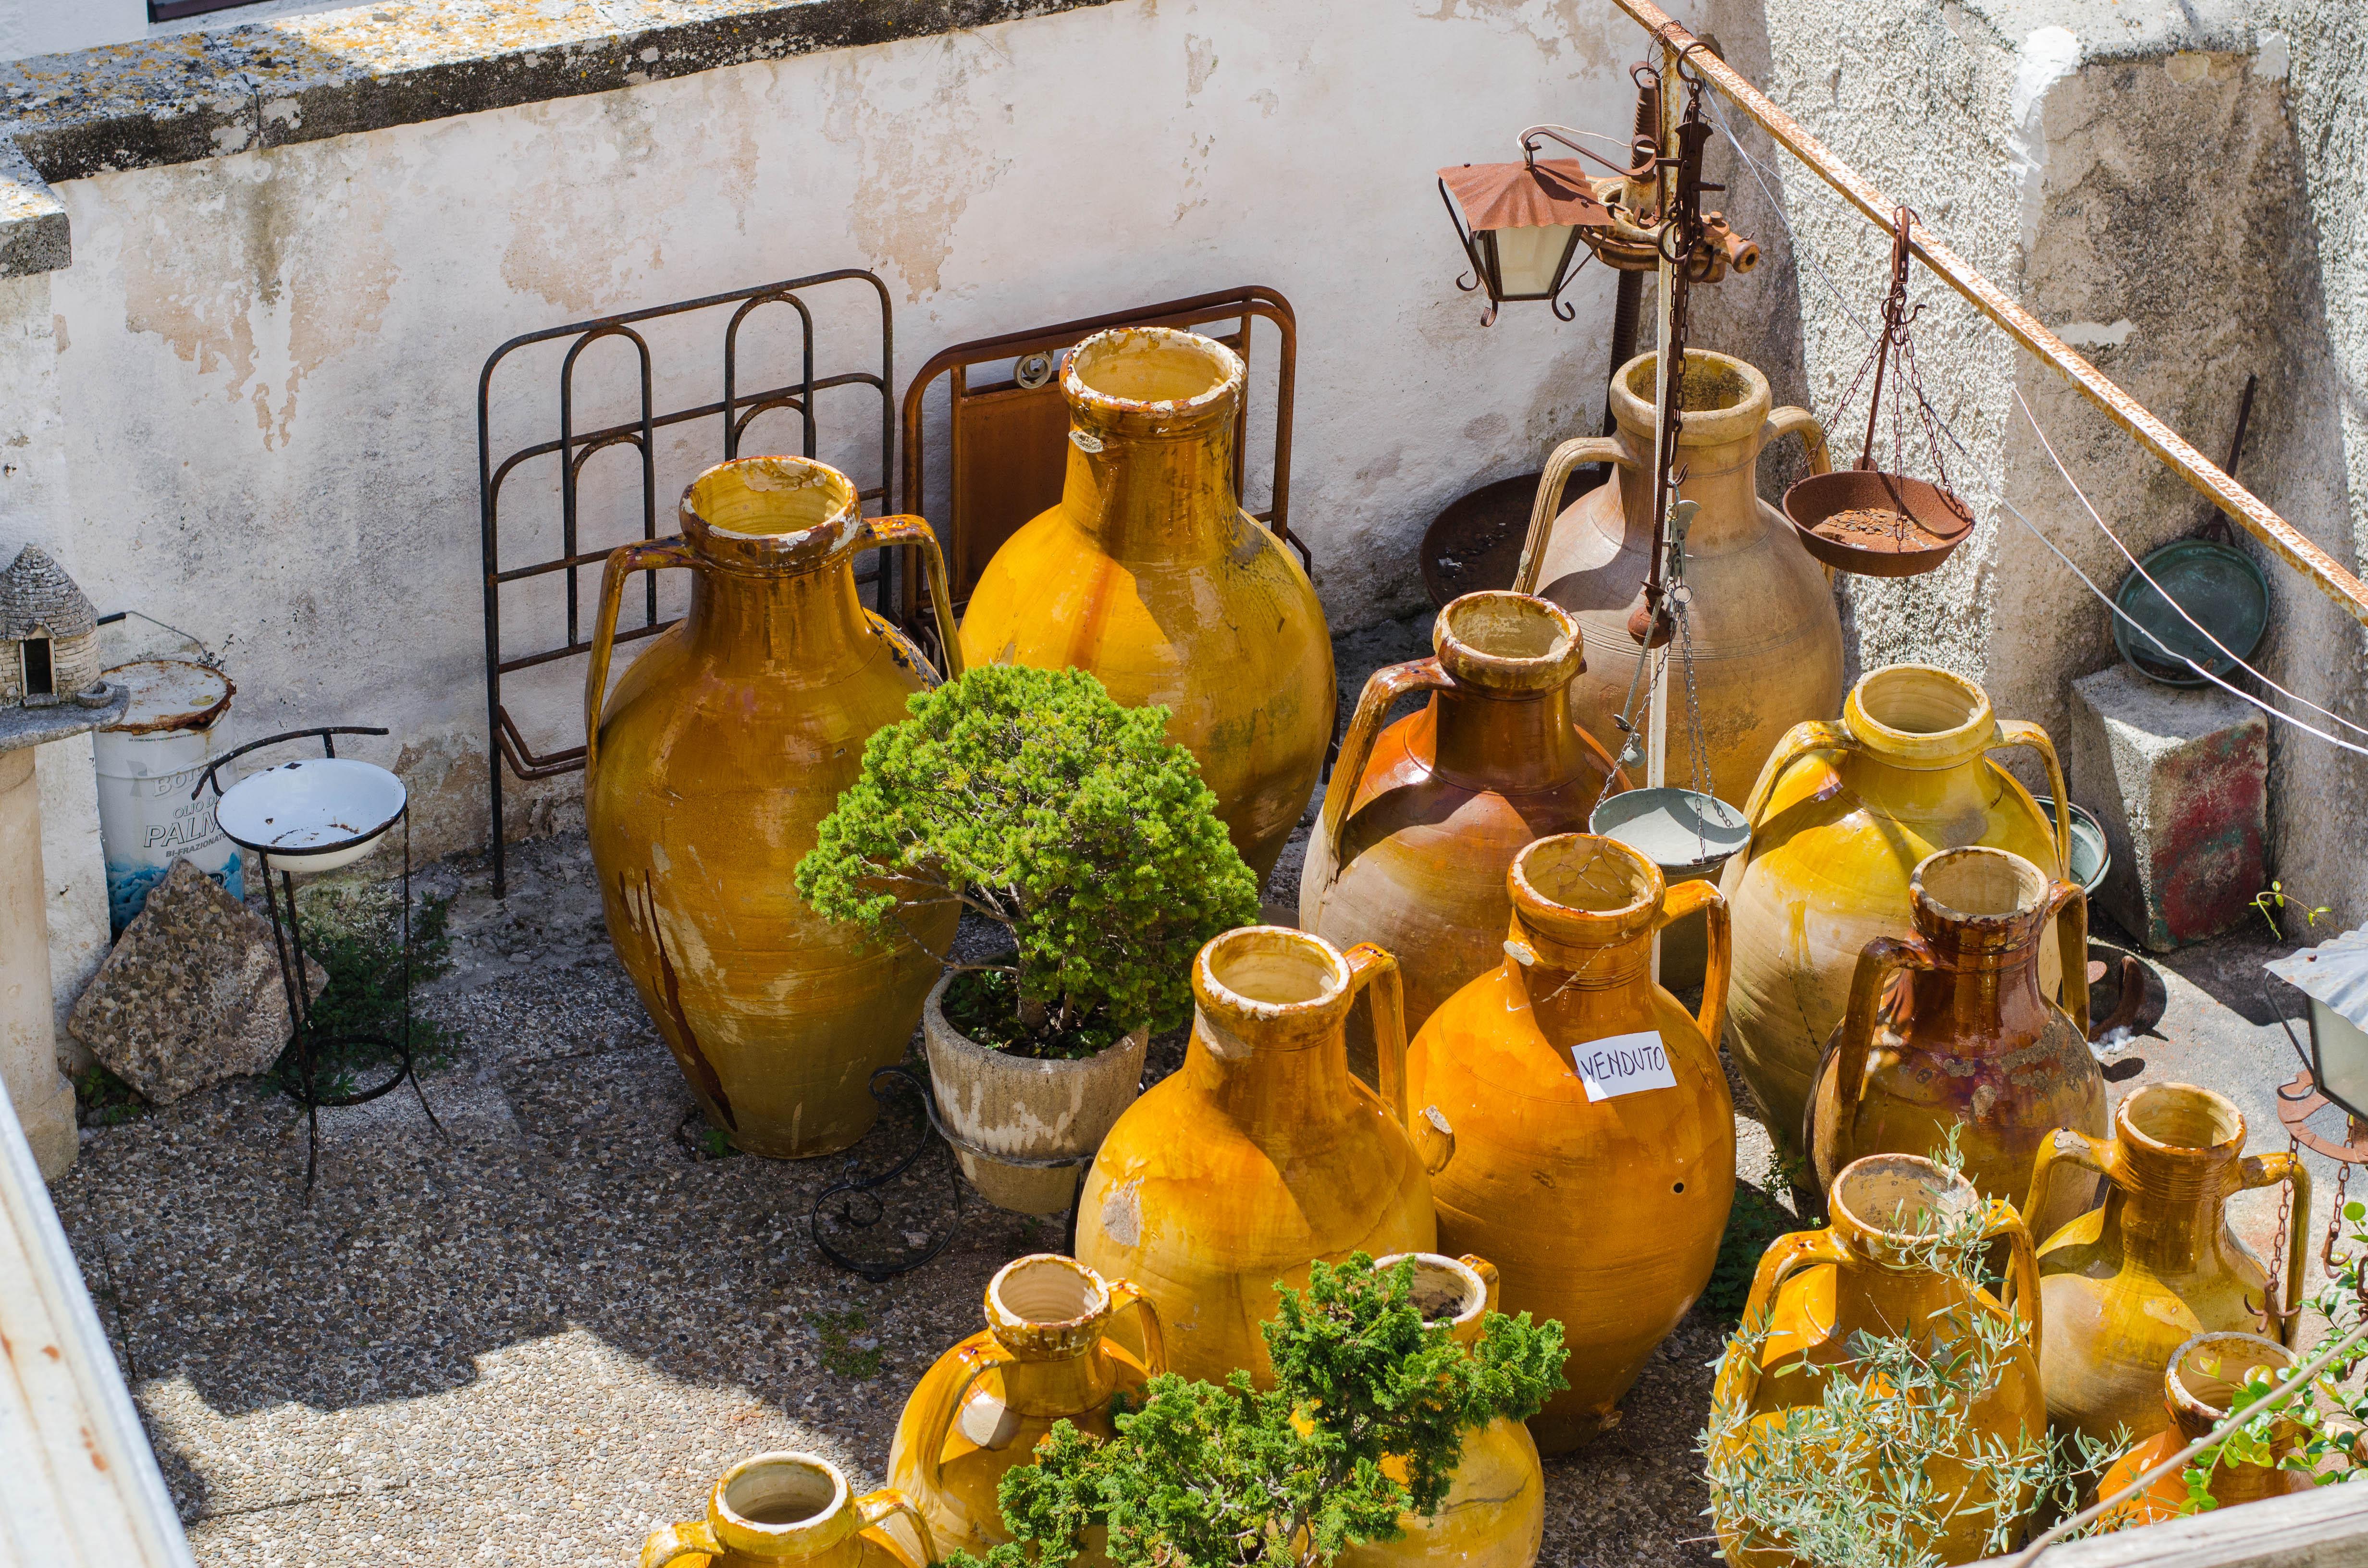 alberobello_trulli1 Puglia ed Alberobello - parte 1-